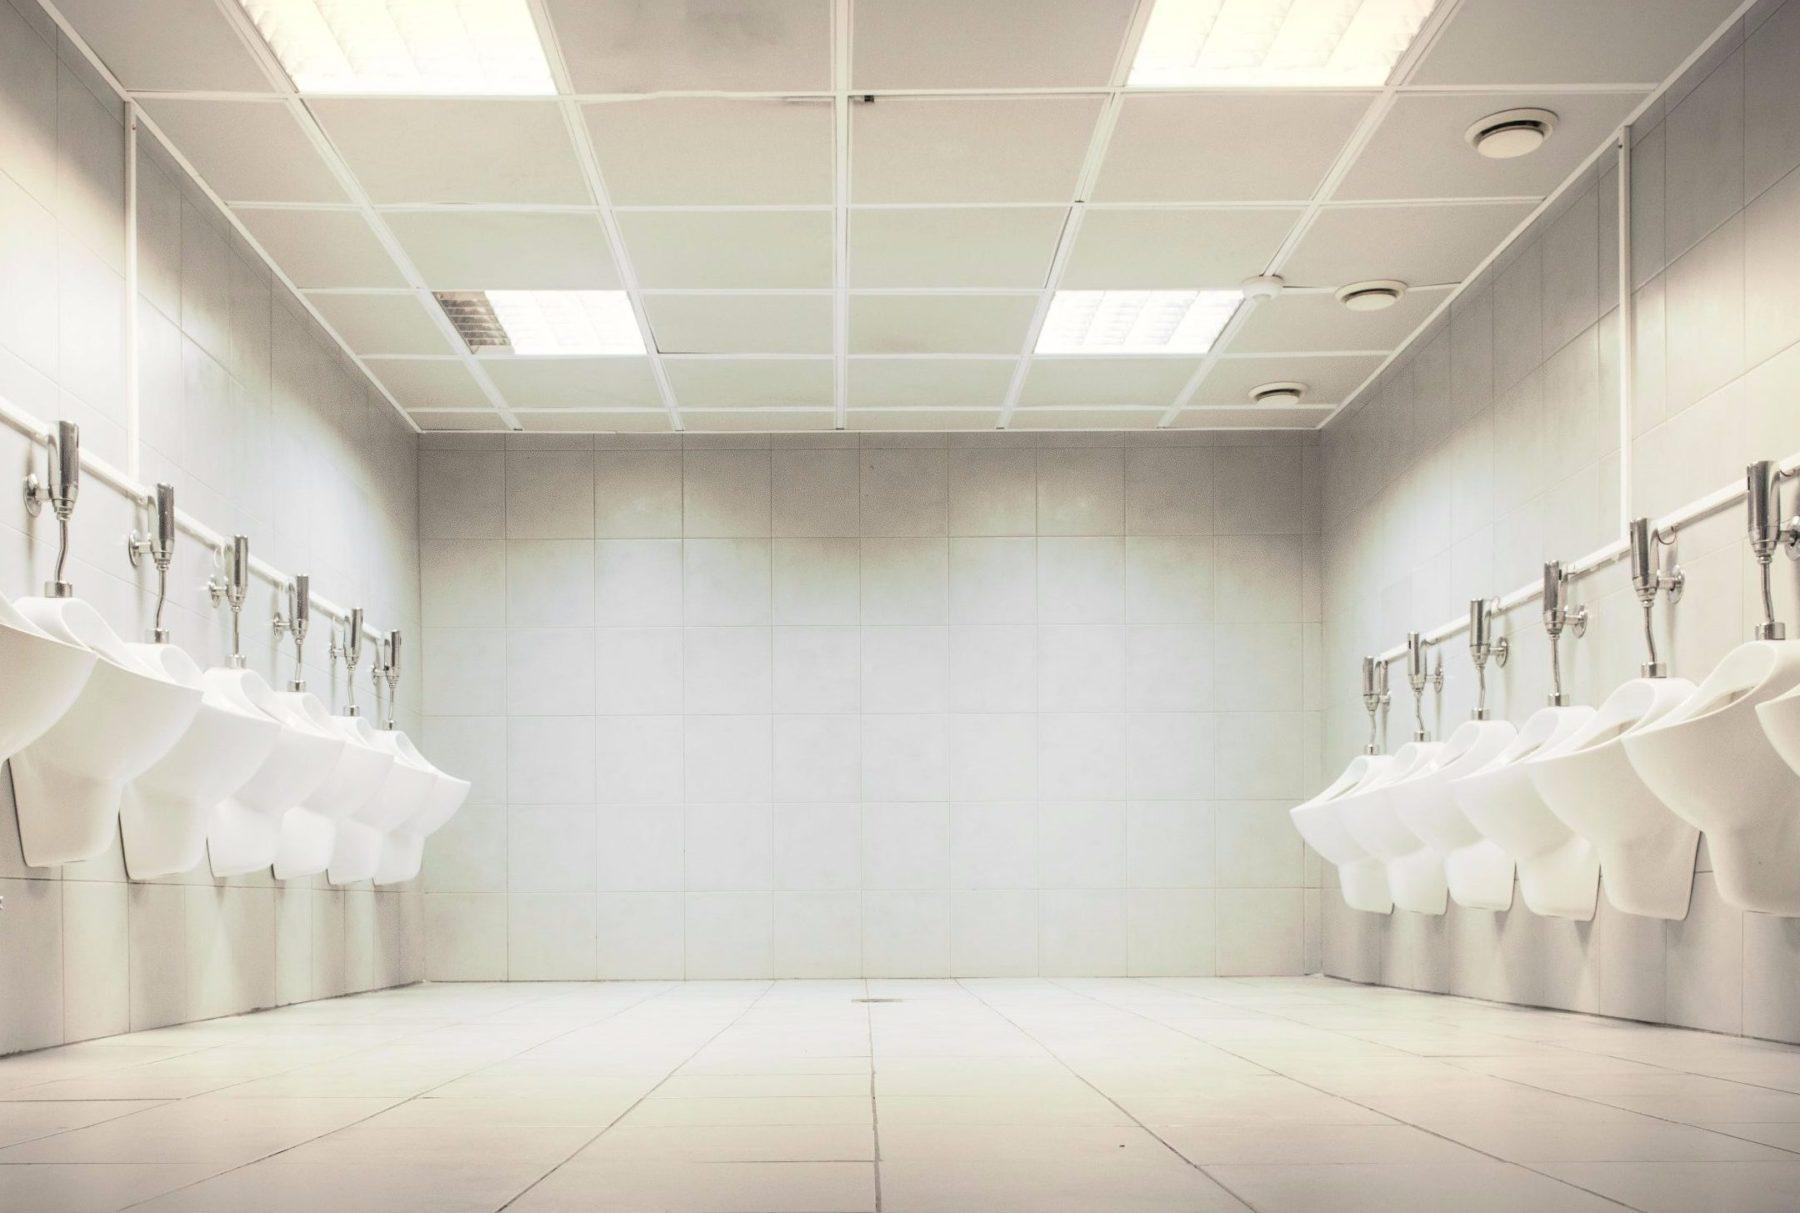 身近なハッテン場 〜東京、横浜駅のトイレトイレ事情〜」